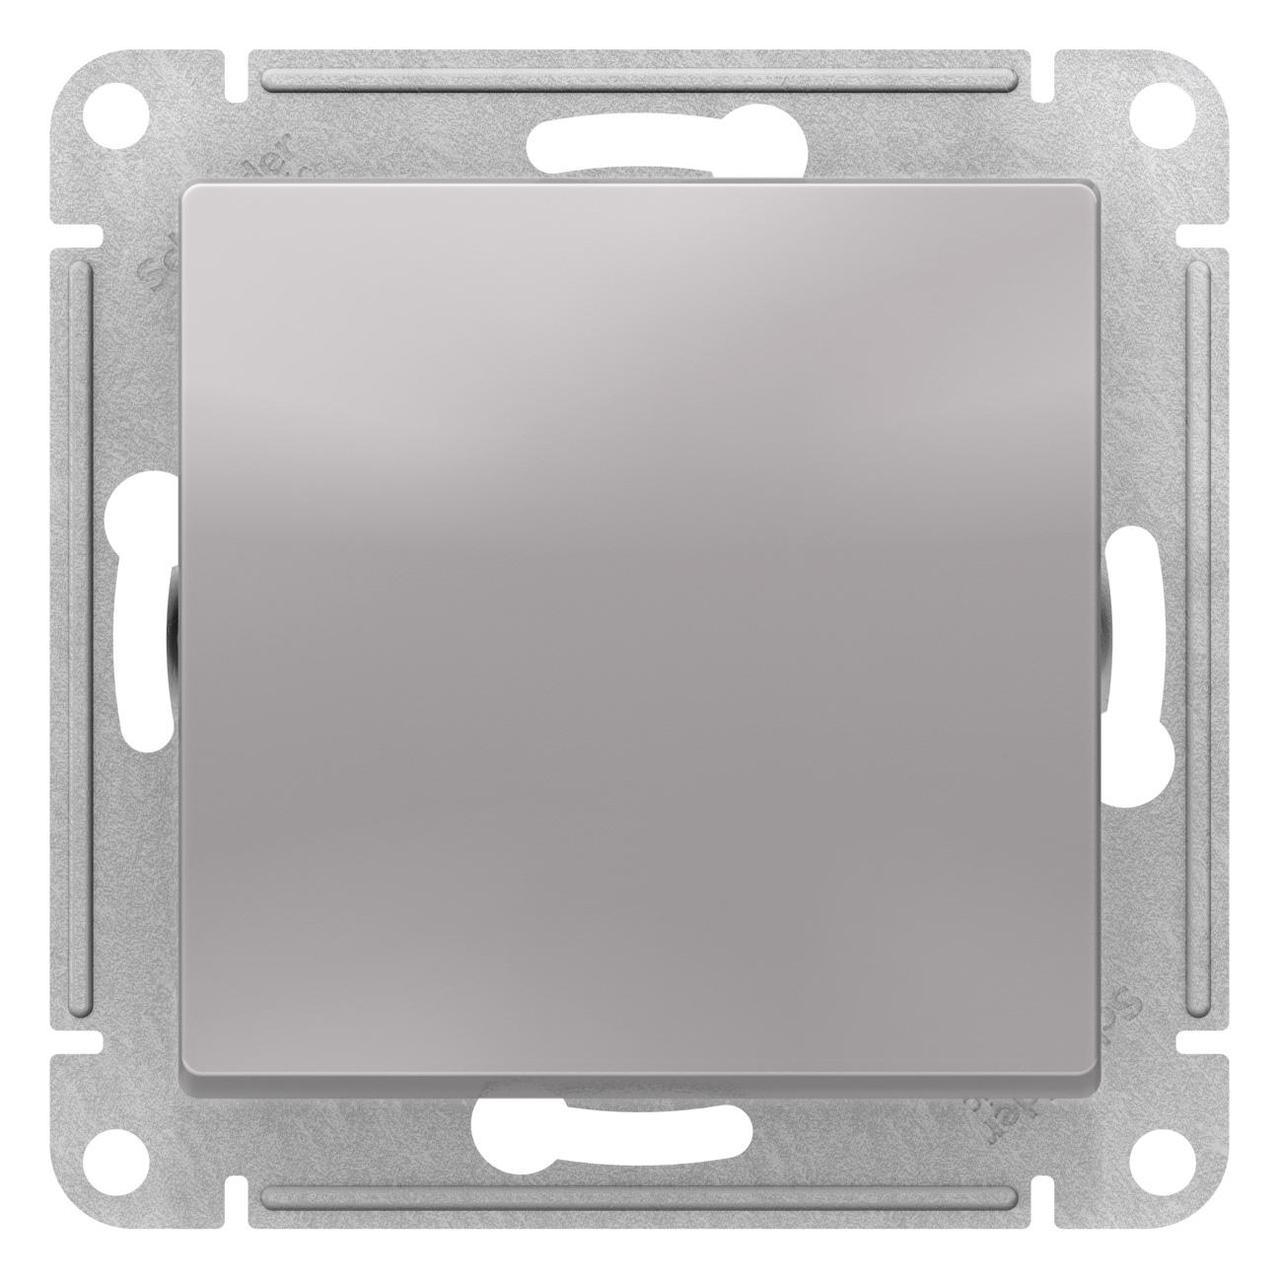 Выключатель 1-клавишный, перекрестный (с трех мест) , Алюминий, серия Atlas Design, Schneider Electric